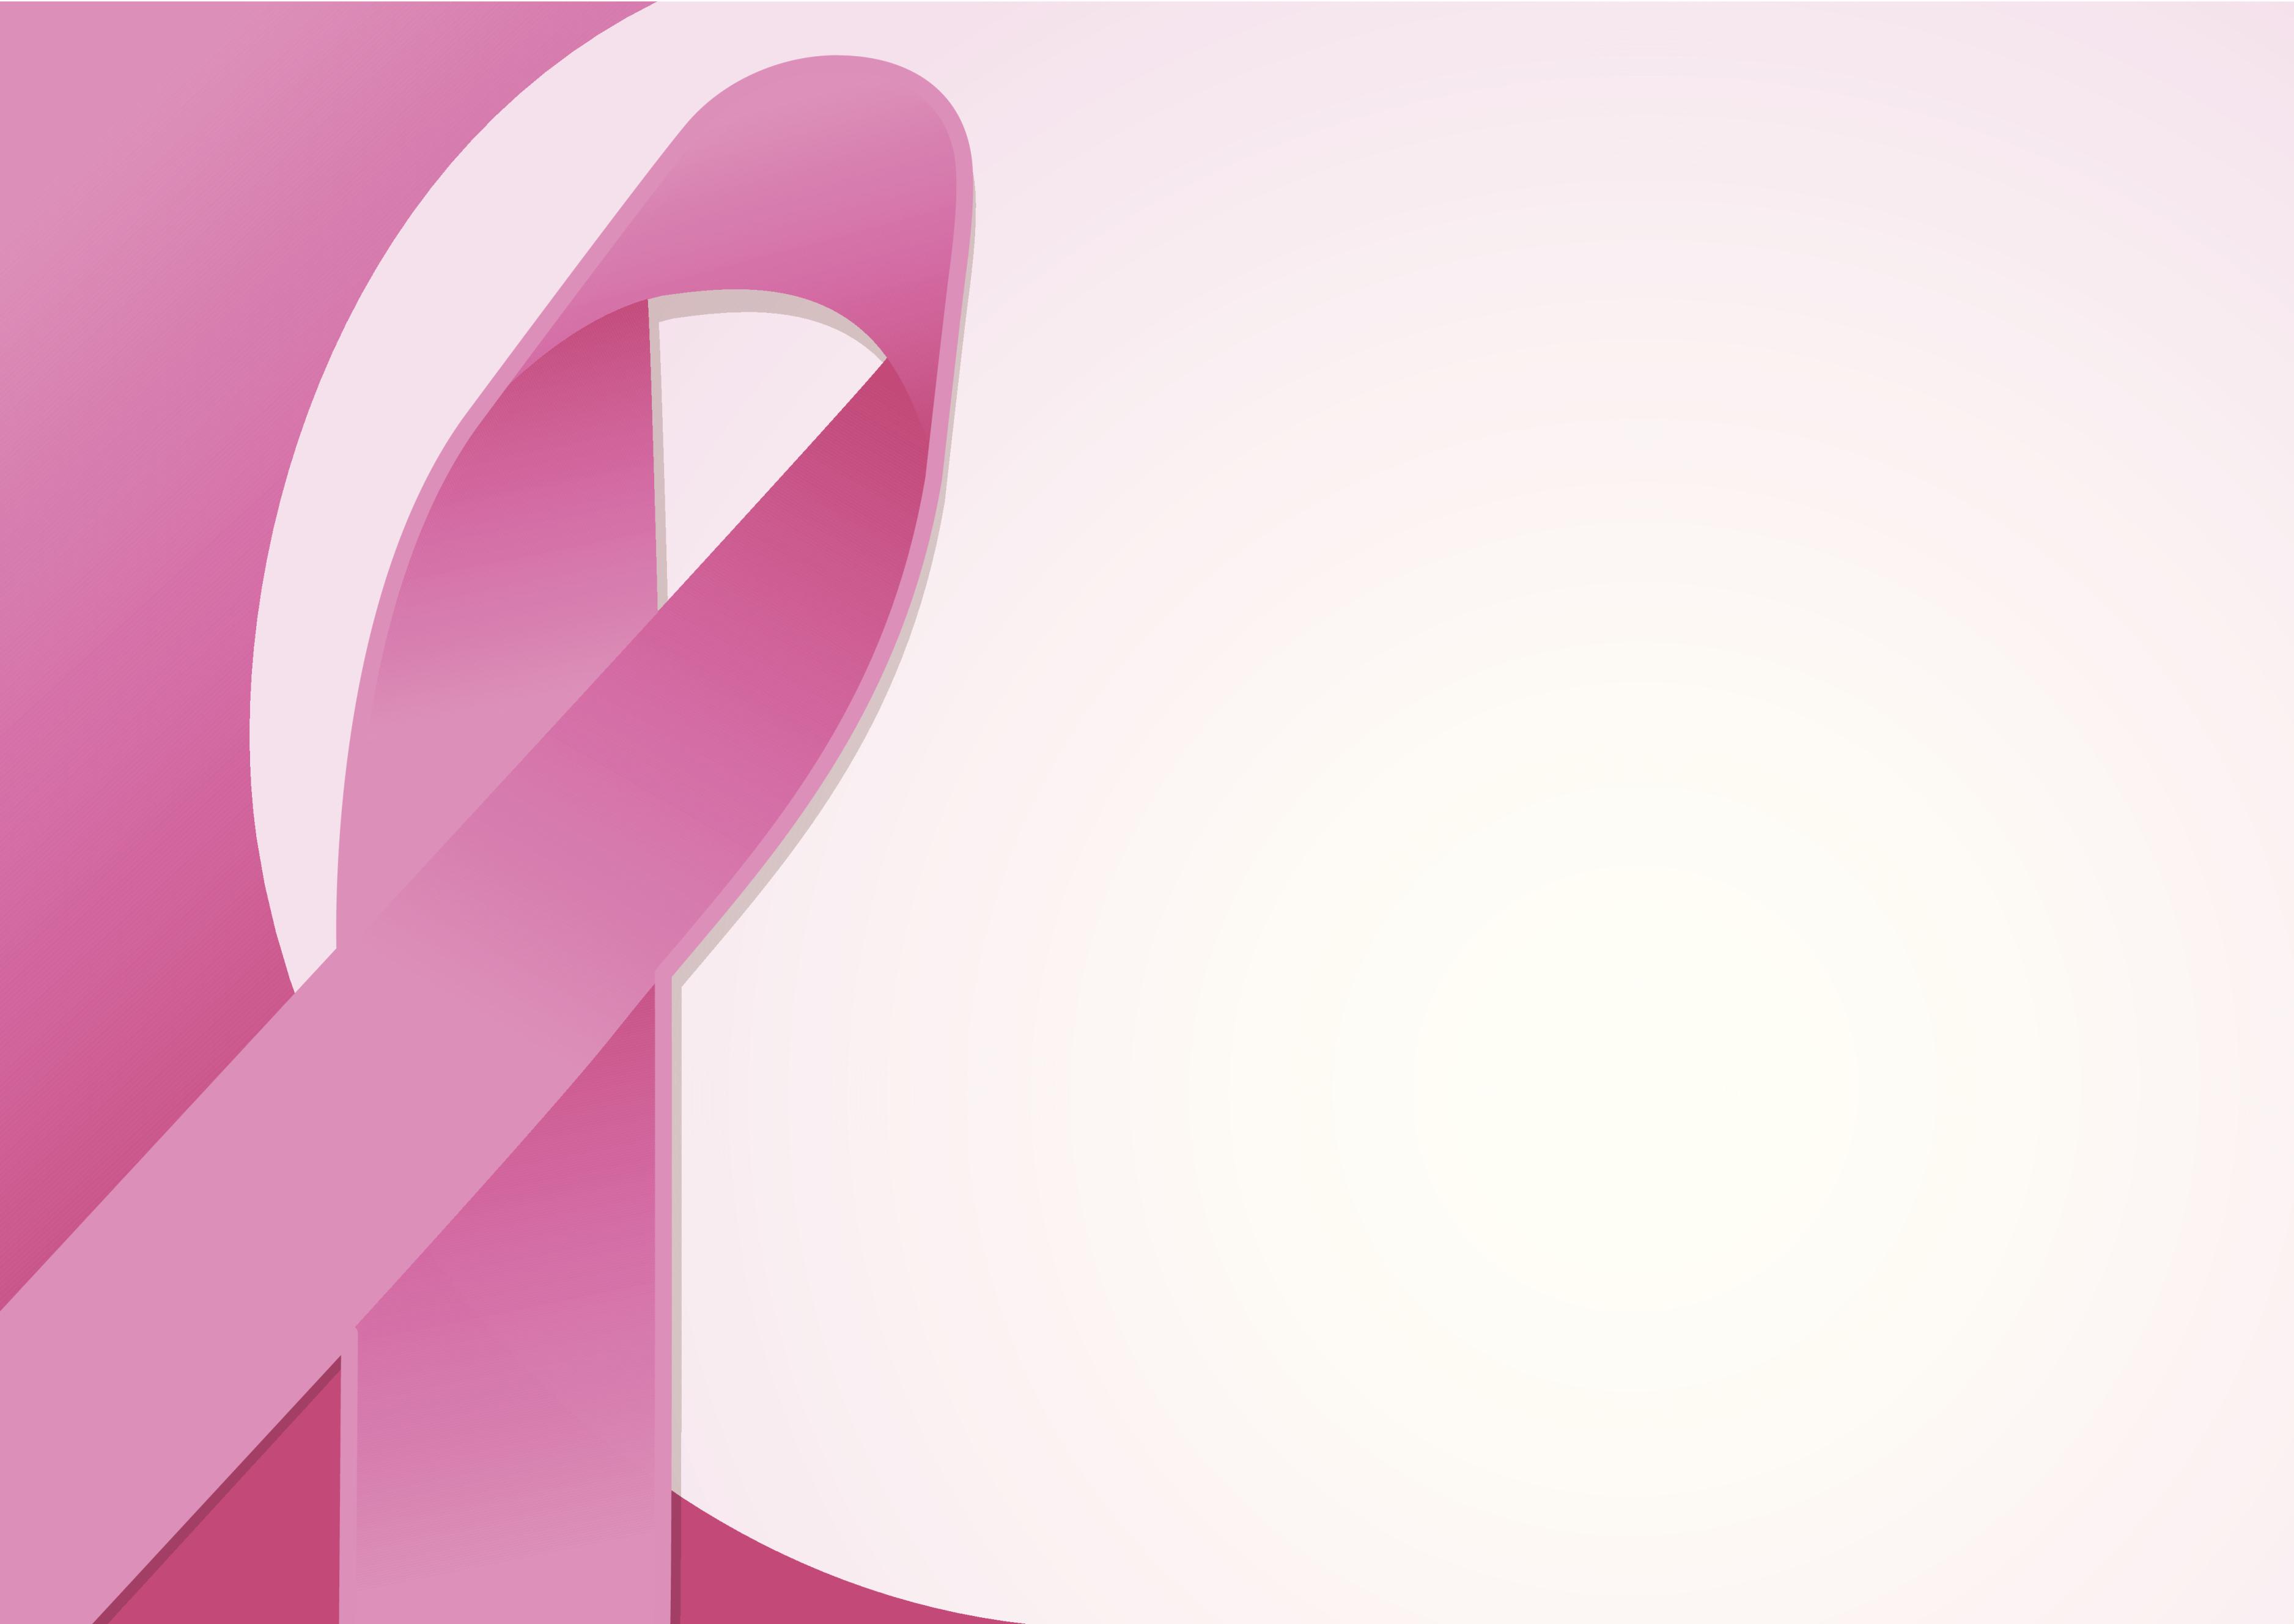 Menjelajahi Hubungan antara Menyusui dan Resiko Kanker Payudara